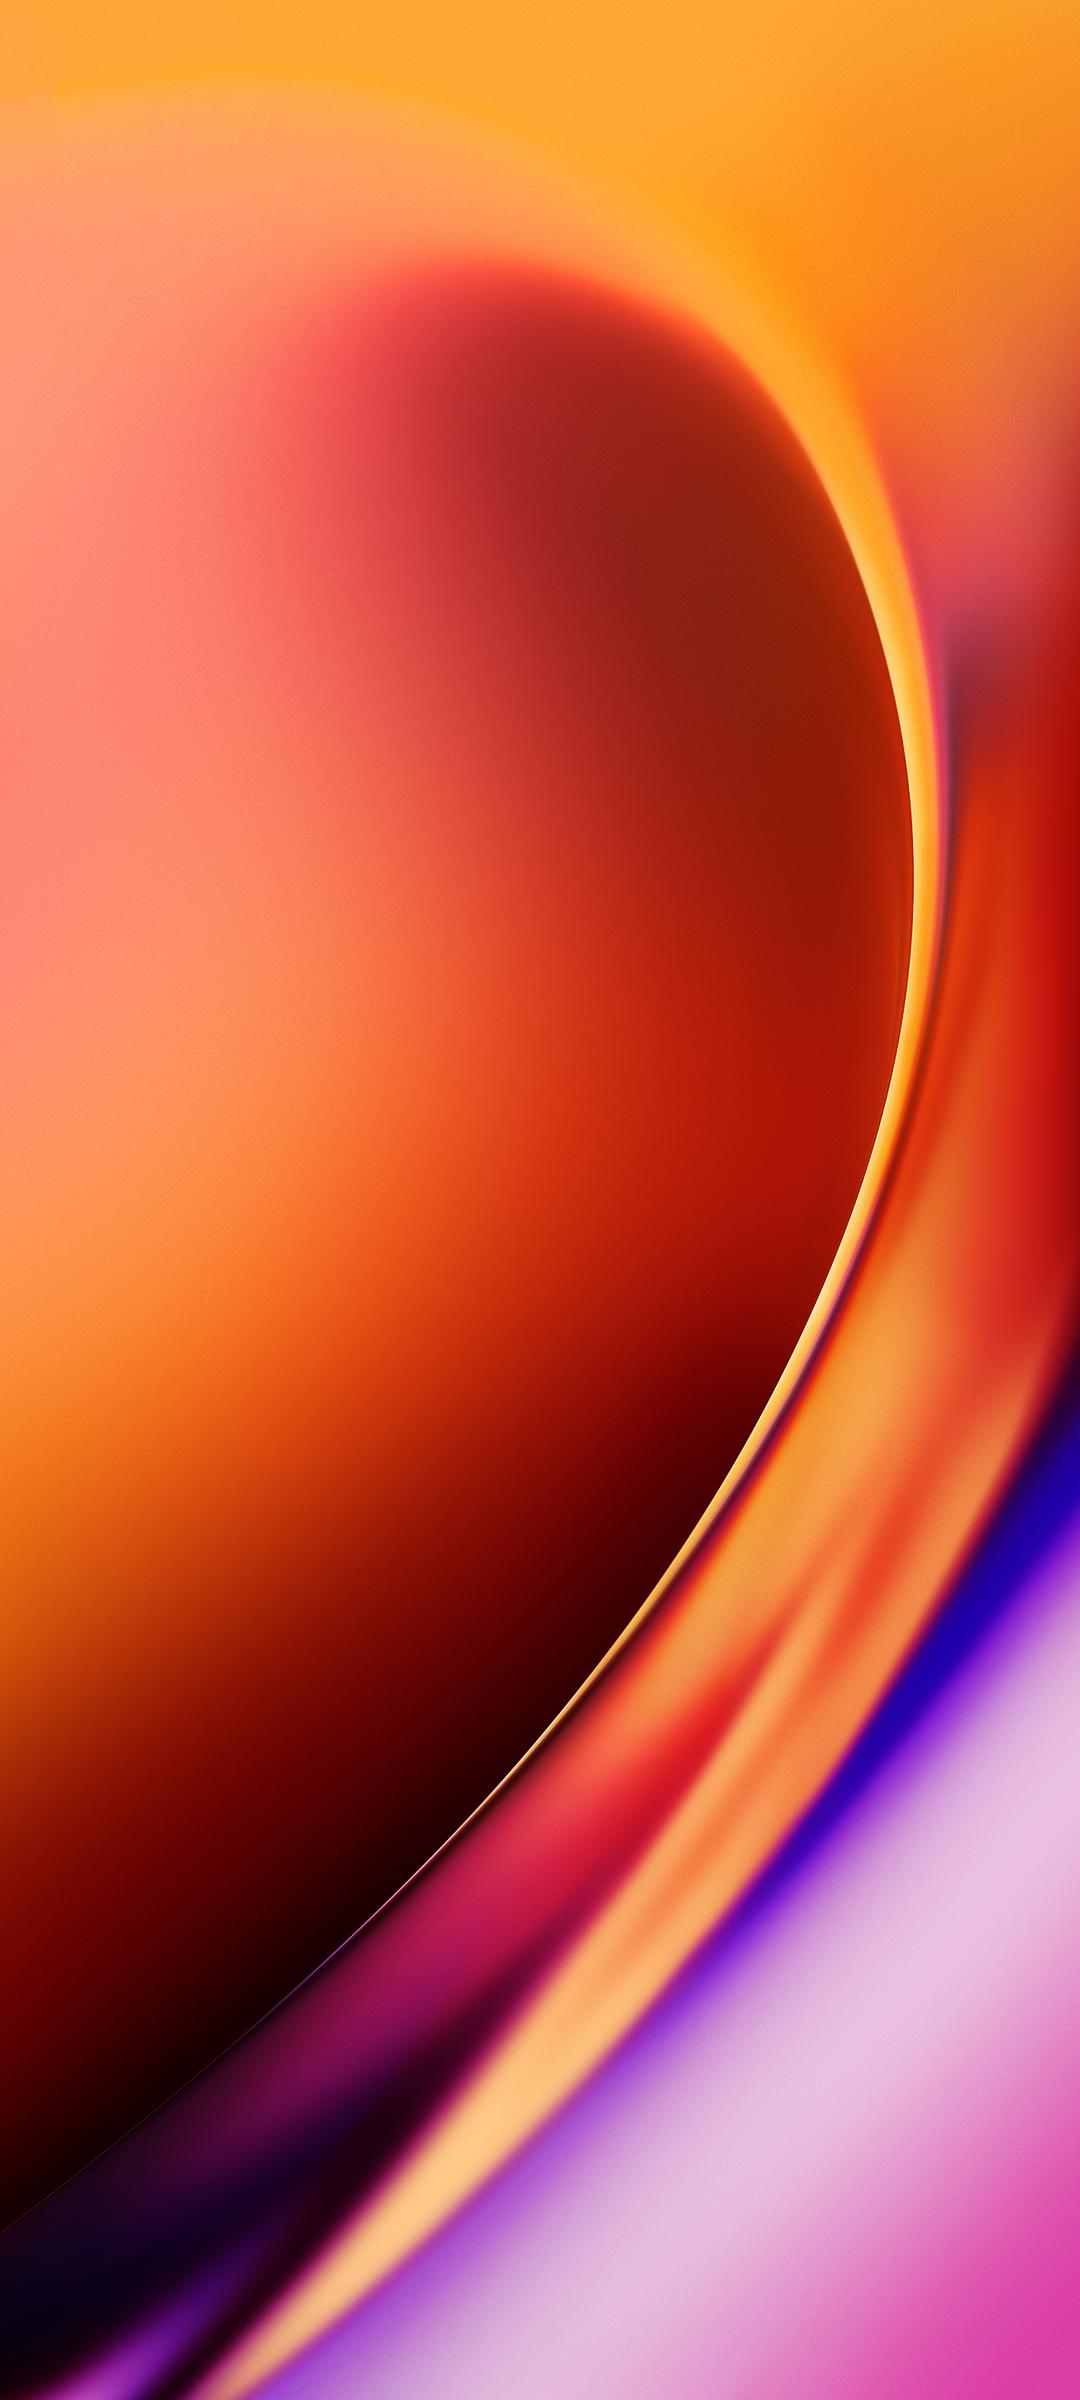 一加OnePlus Nord官方壁纸下载-玩懂手机网 - 玩懂手机第一手的手机资讯网(www.wdshouji.com)